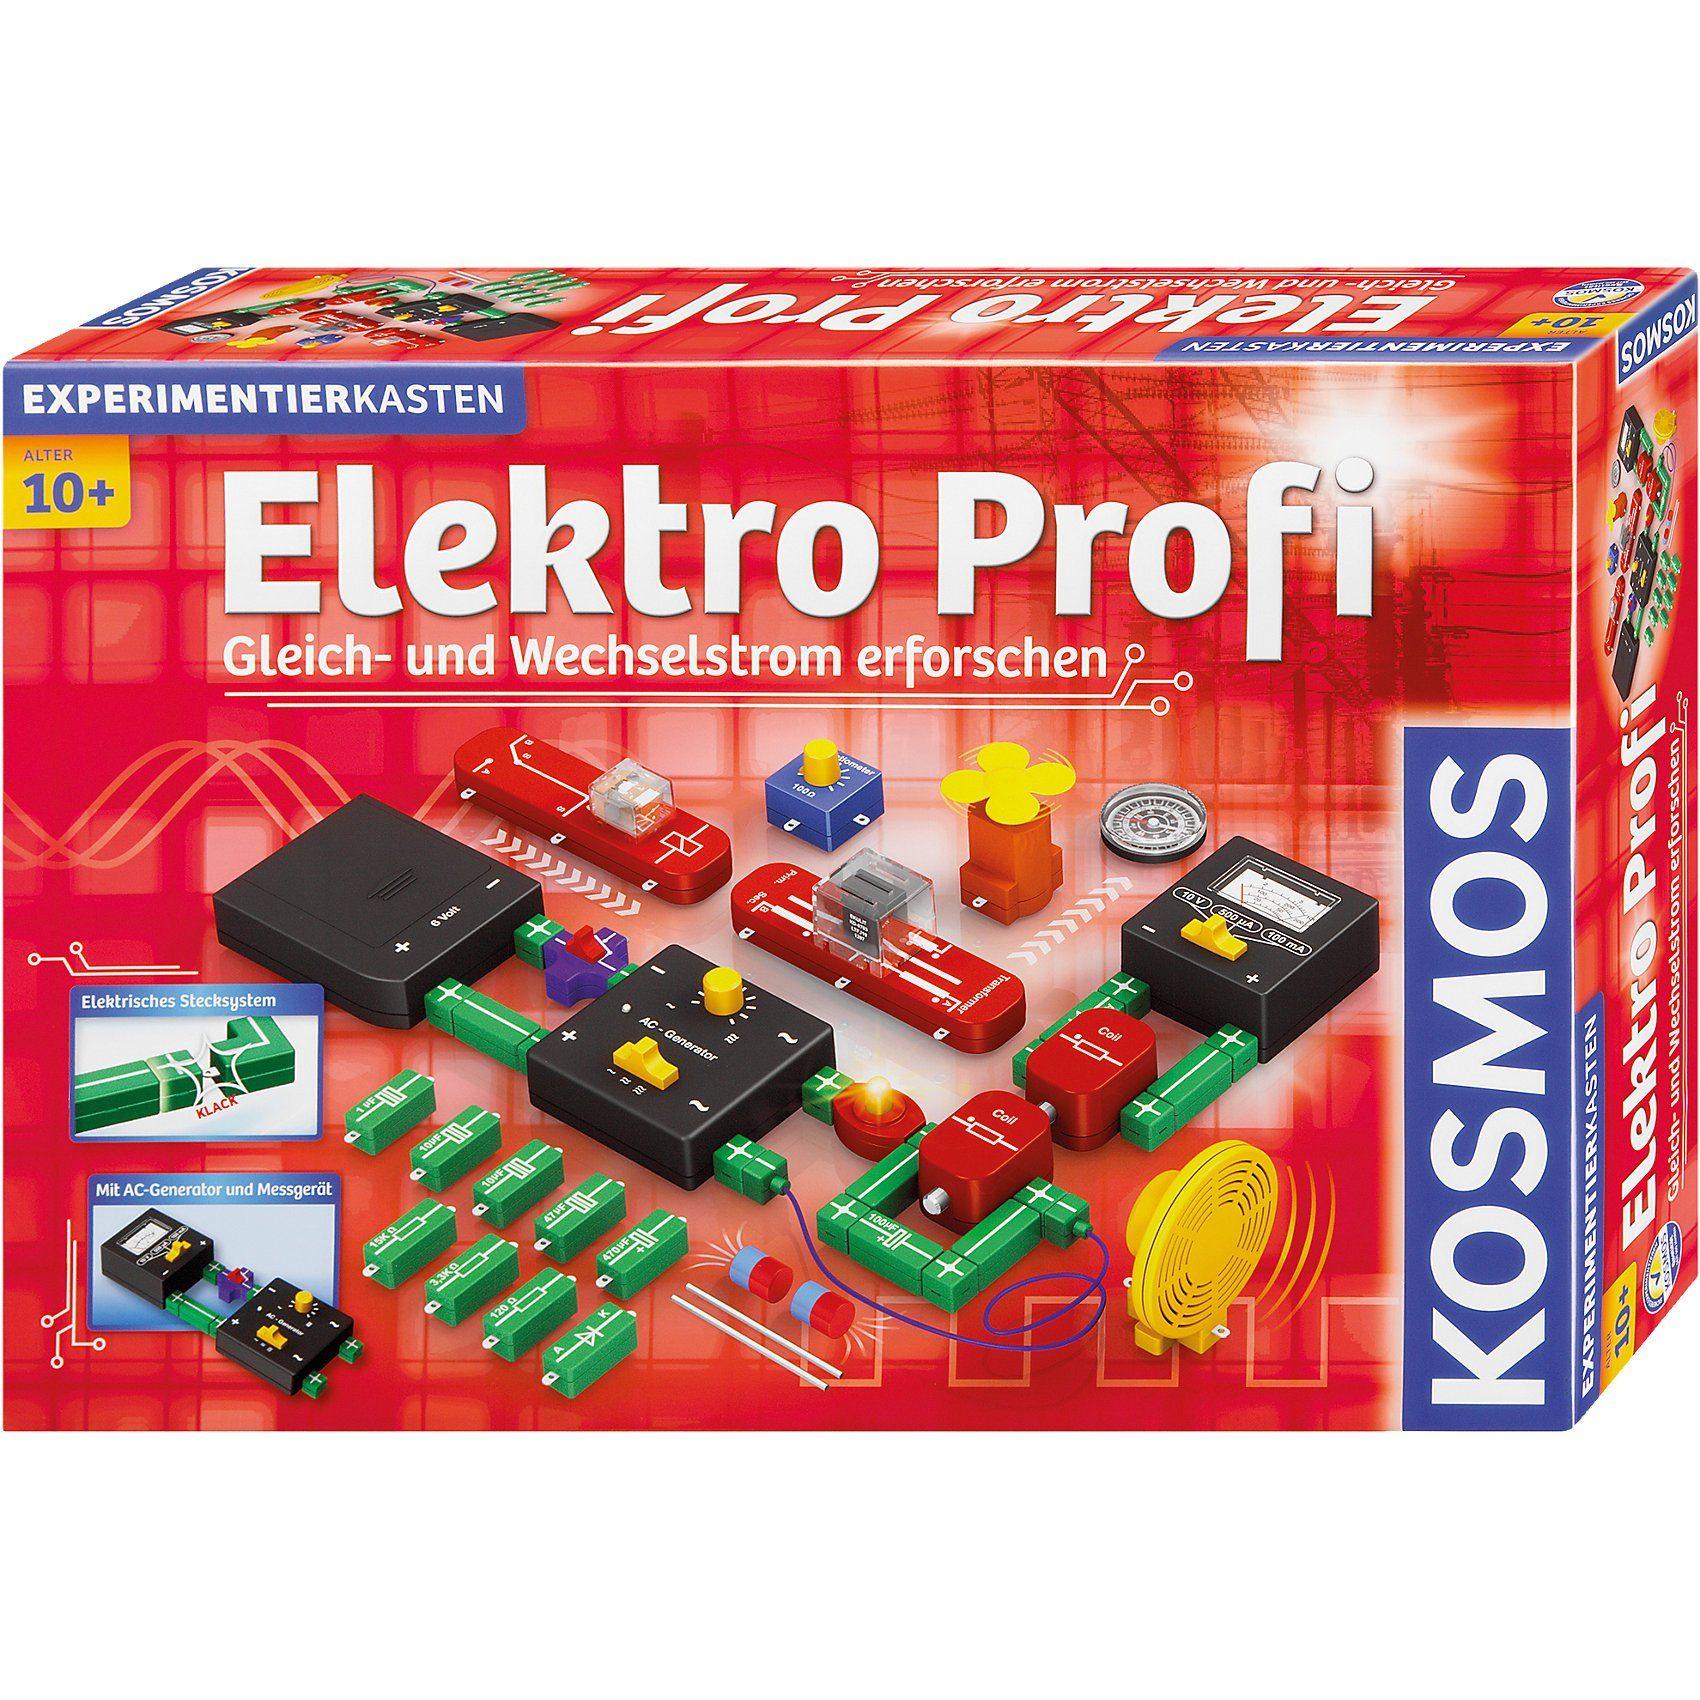 Kosmos Experimentierkasten Elektro Profi